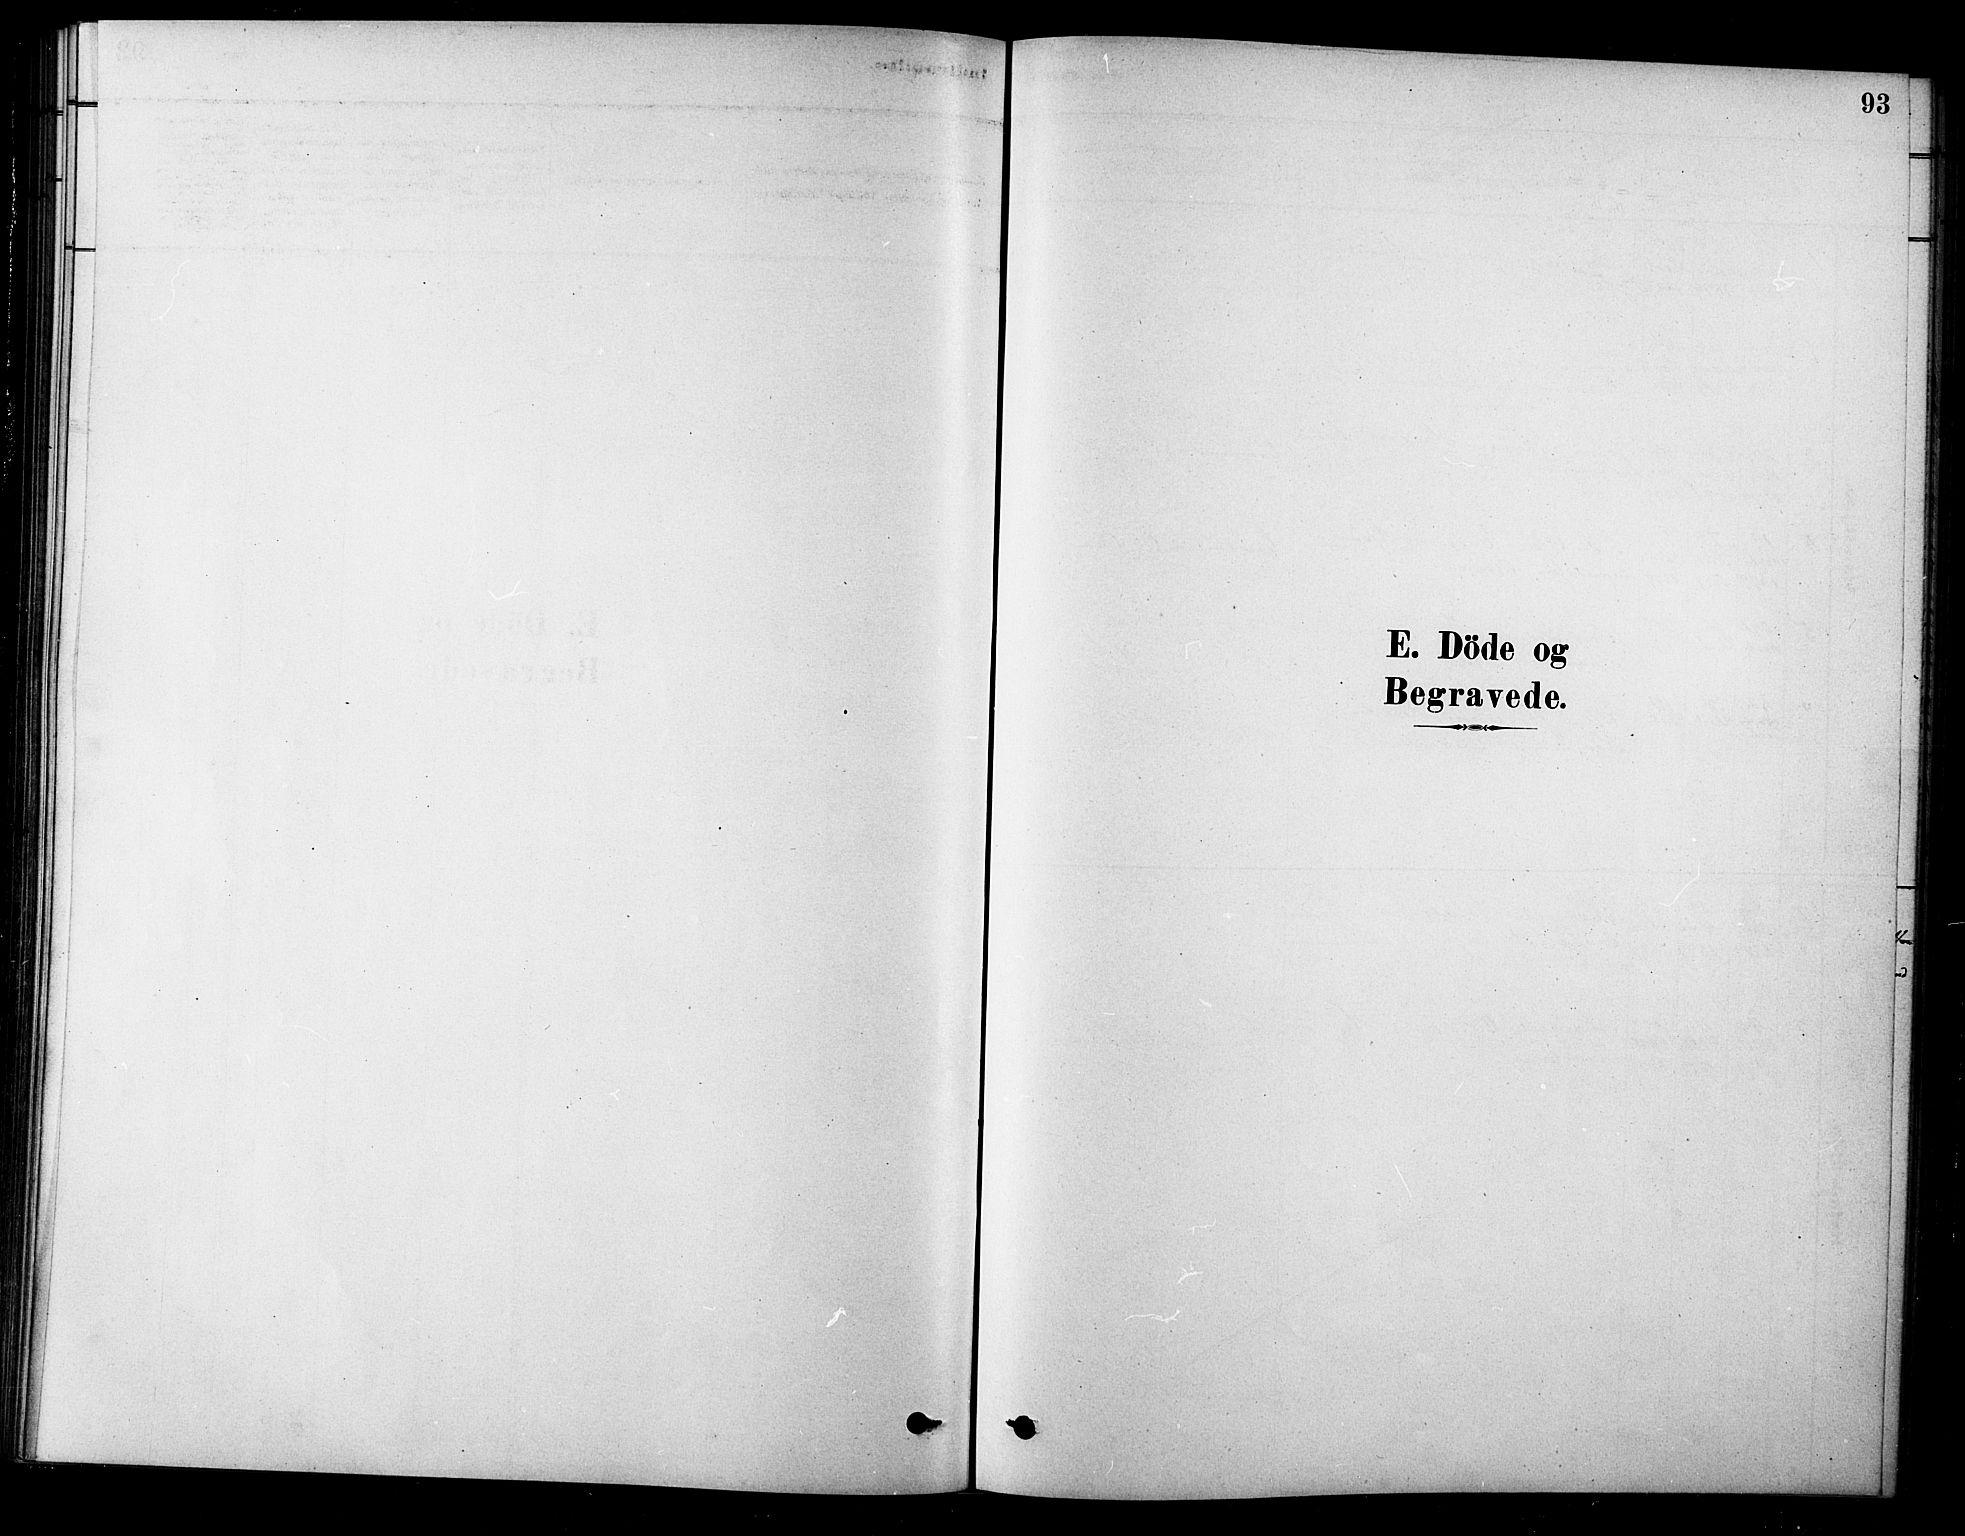 SAT, Ministerialprotokoller, klokkerbøker og fødselsregistre - Sør-Trøndelag, 685/L0972: Ministerialbok nr. 685A09, 1879-1890, s. 93